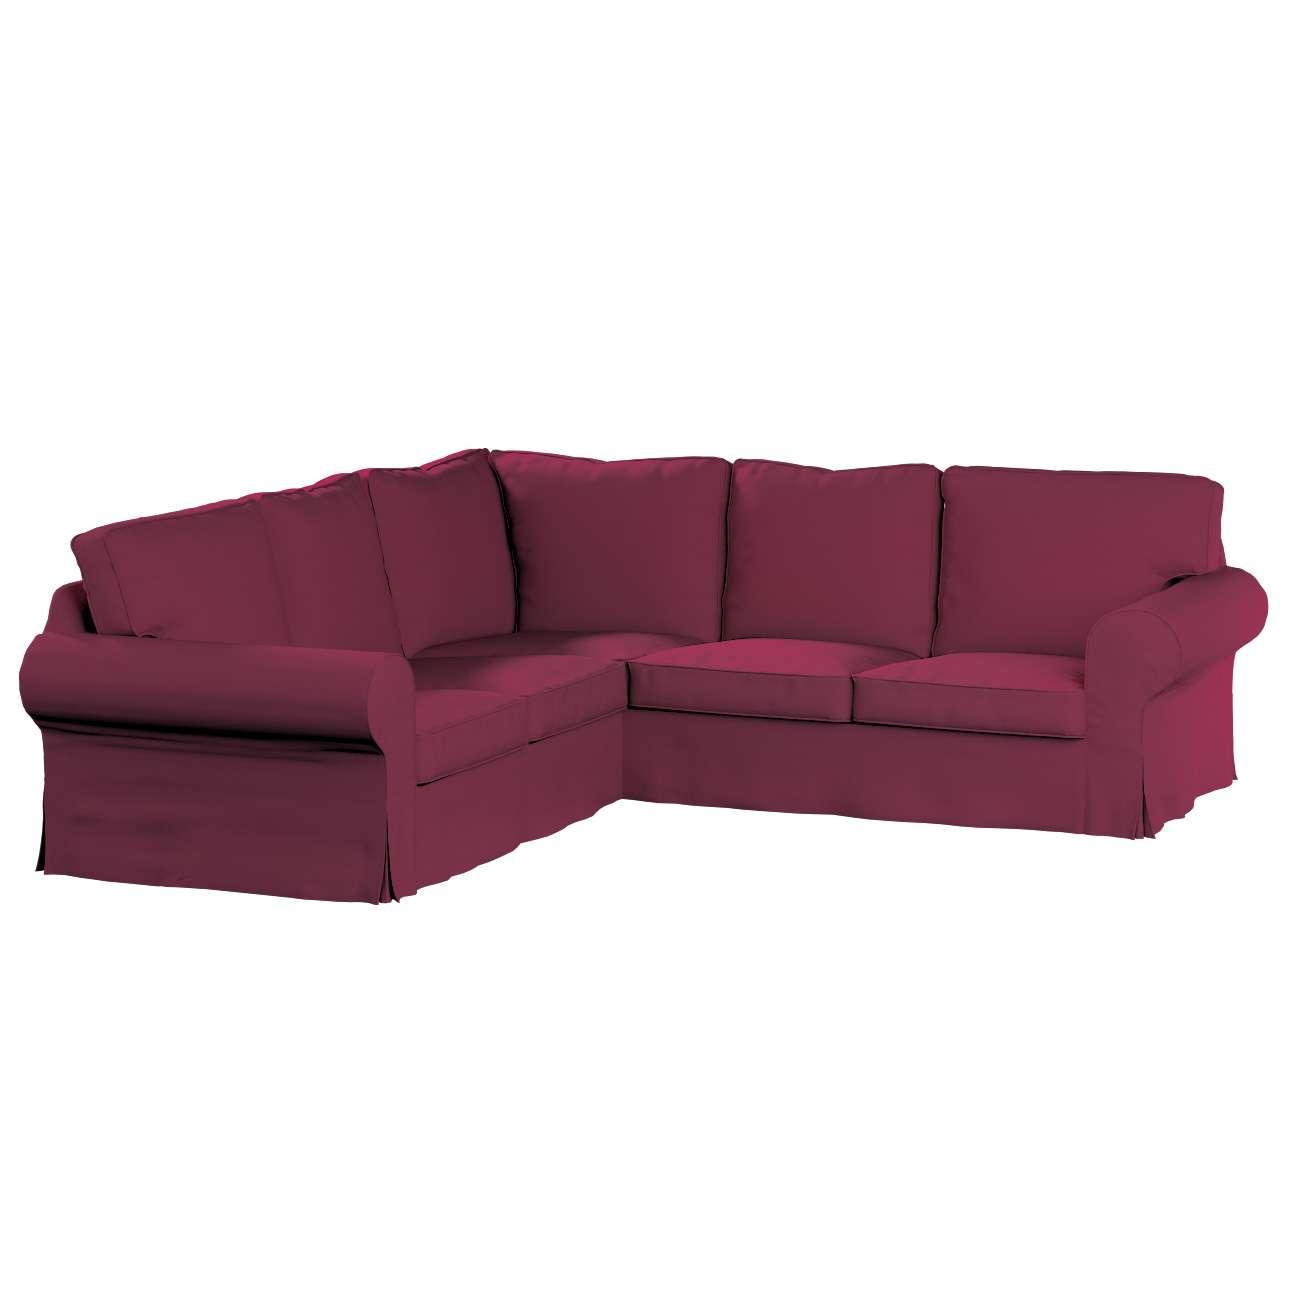 Pokrowiec na sofę Ektorp narożną Sofa Ektorp narożna w kolekcji Cotton Panama, tkanina: 702-32